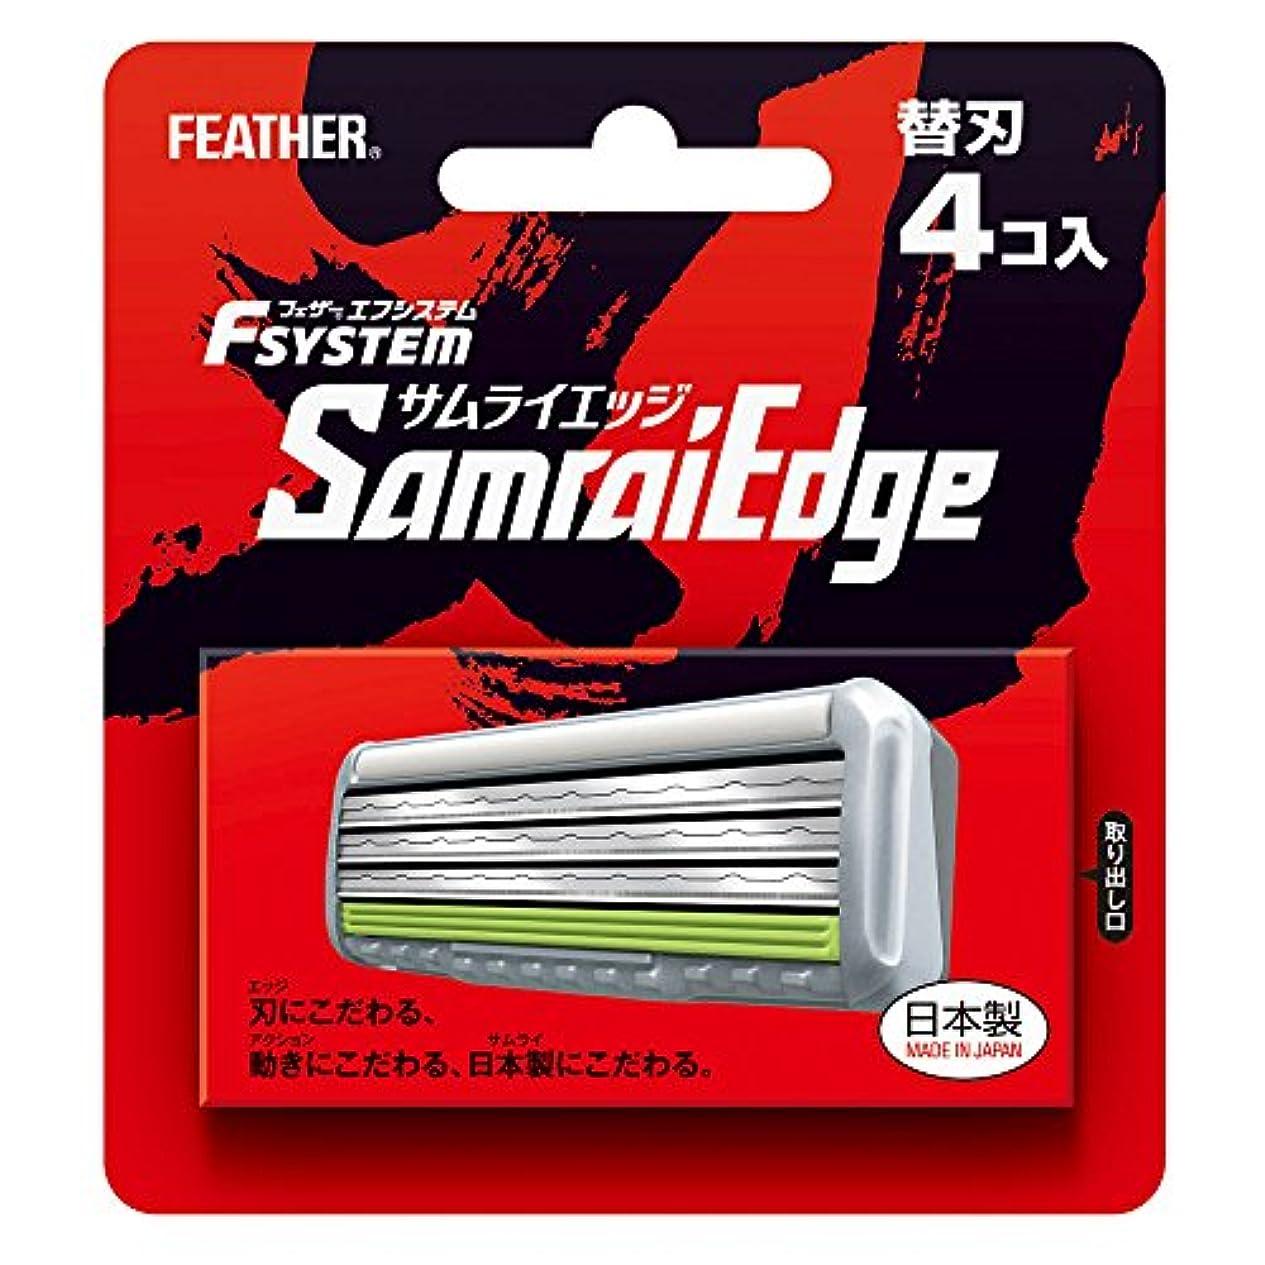 からかう株式会社何故なのフェザー エフシステム 替刃 サムライエッジ 4コ入 (日本製)